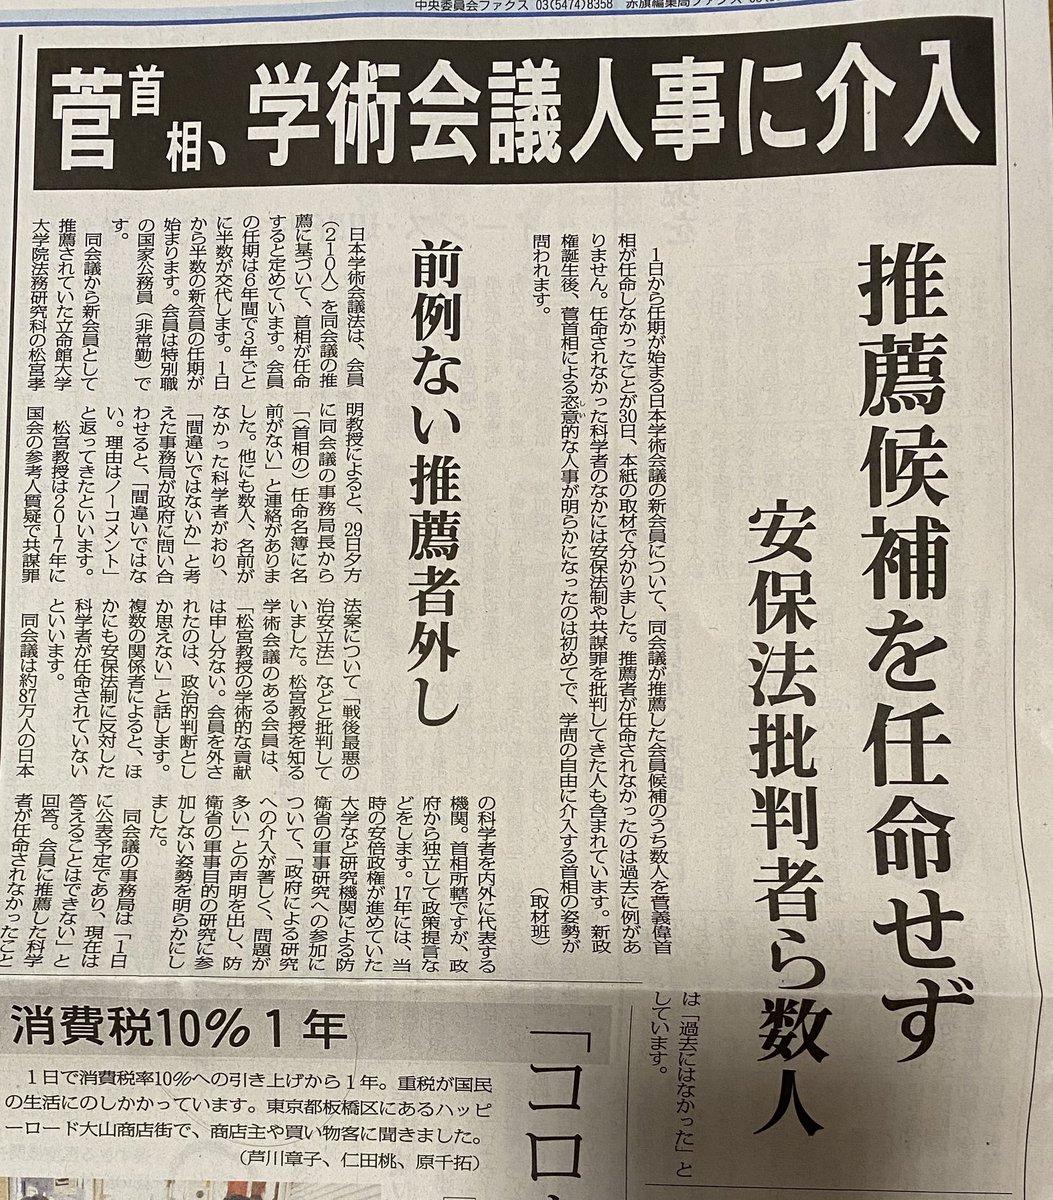 今朝の赤旗トップ記事。「菅首相、学術会議人事に介入」。これまでは同会議の推薦候補をもれなく新会員に政府が任命してきました。ところが、菅首相が安保法制批判者らを任命せず。学術会議は日本の科学者を代表する機関で、政府から独立して政策提言をおこないます。安倍さん以上に恣意的人事すすむ。